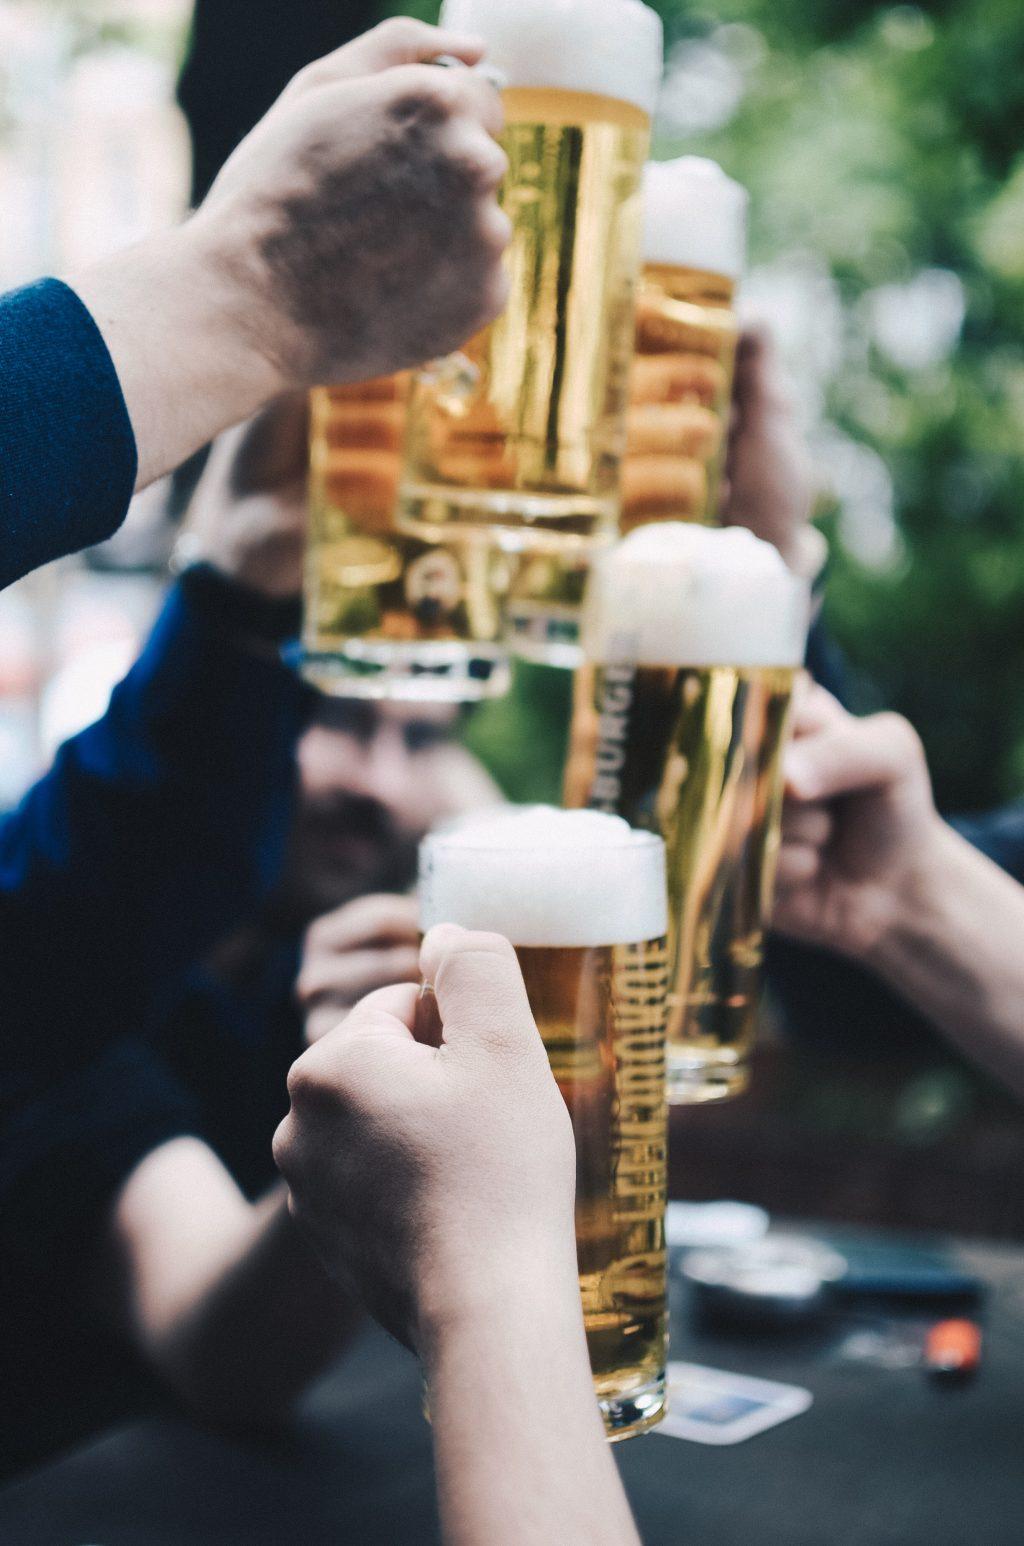 thức uống có cồn gây ung thư vú và ảnh hưởng đến sức khoẻ